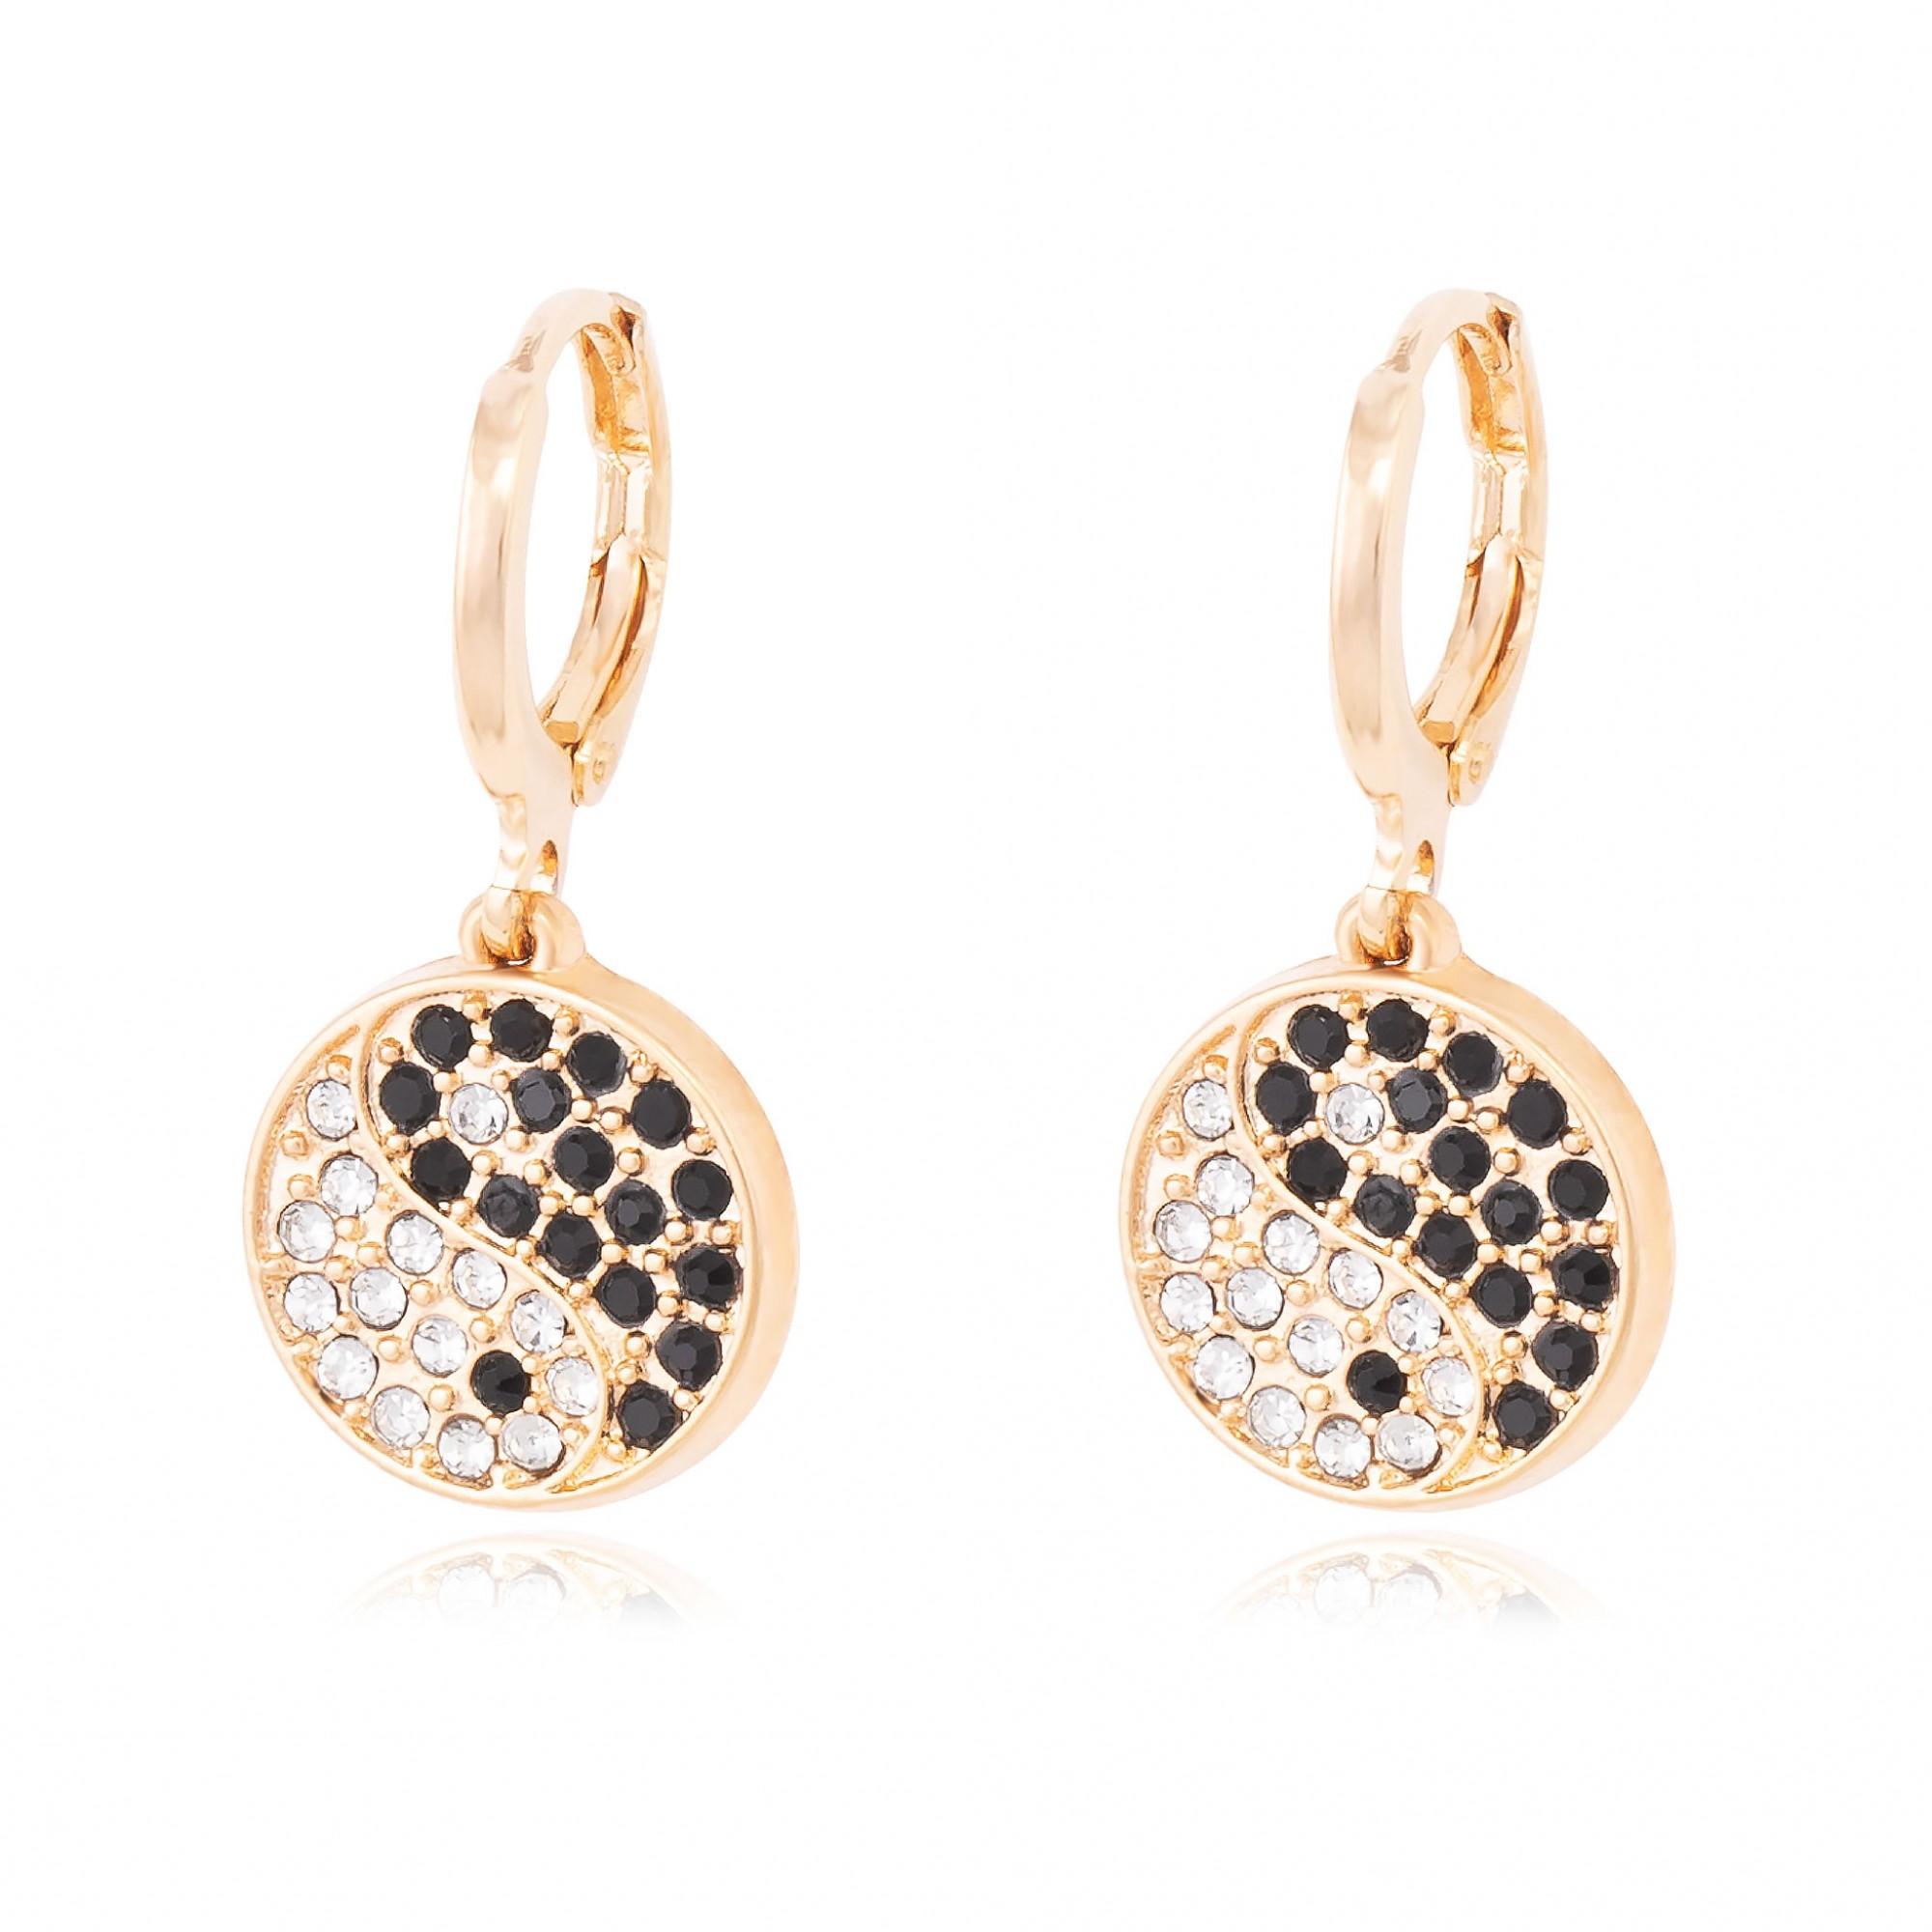 Brinco yin yang de cristais banhado a ouro 18k.  - romabrazil.com.br